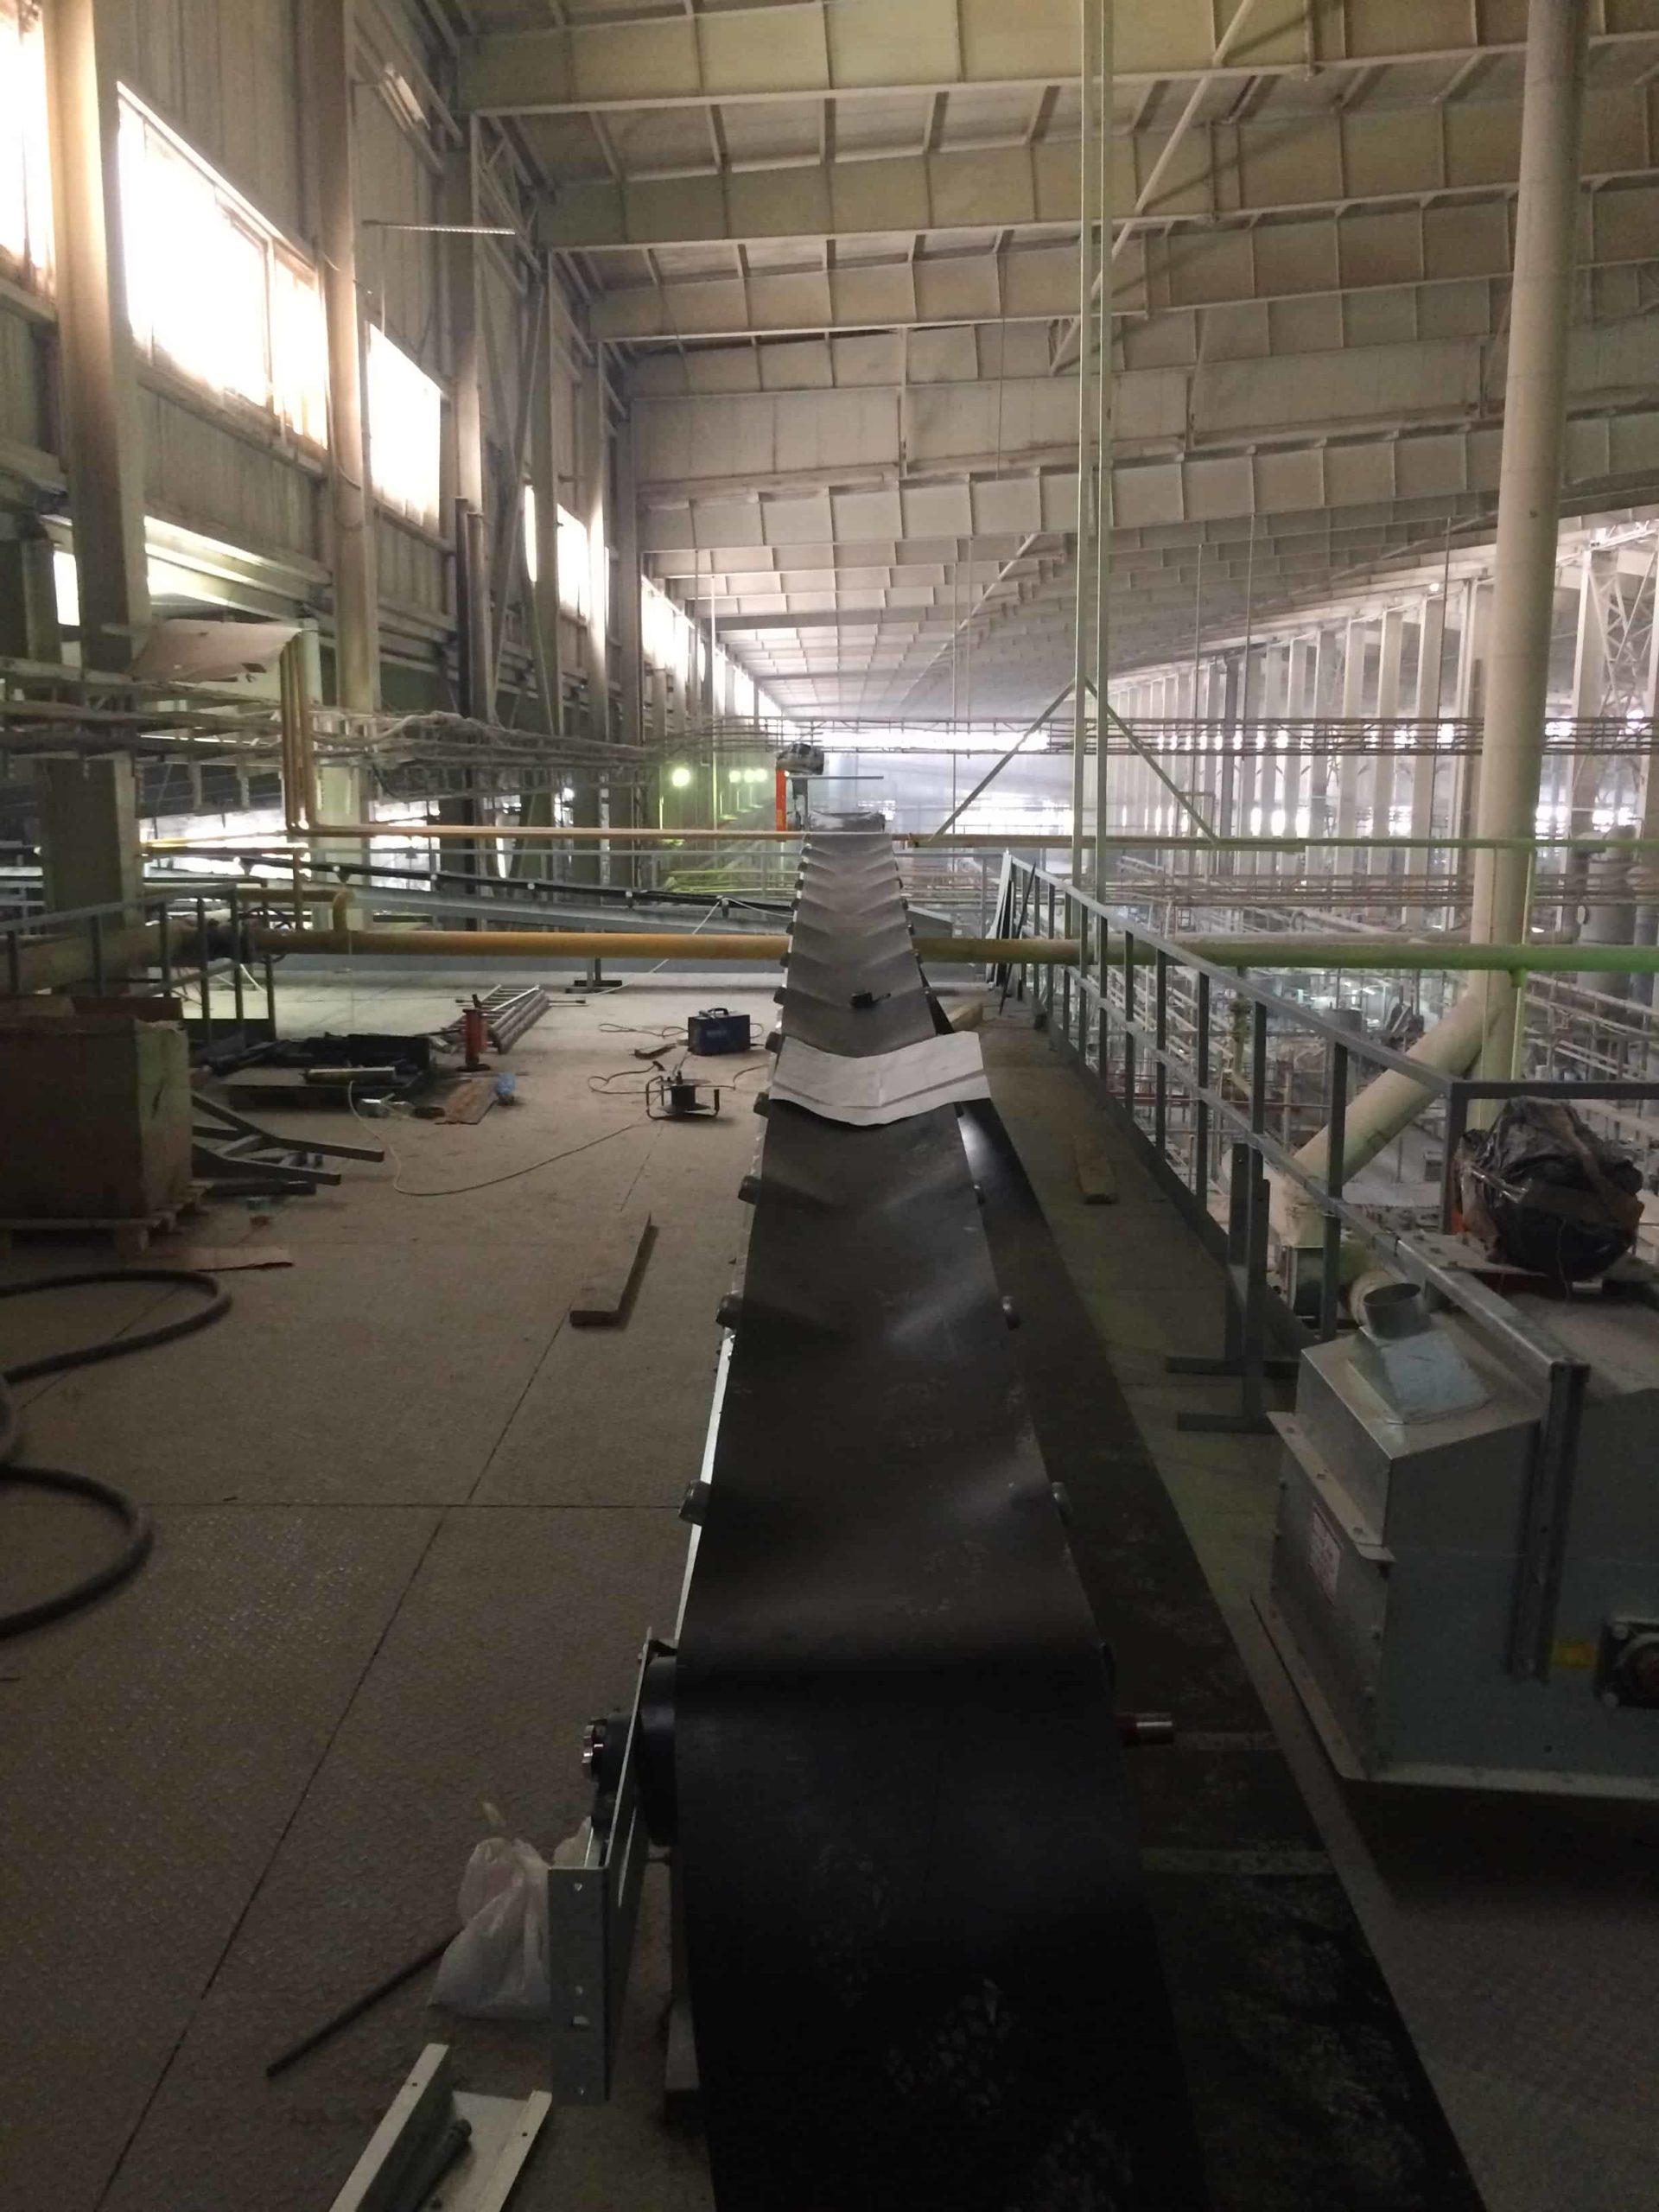 Монтаж конвейера порошка LB - г. Шахты, Ростовская область